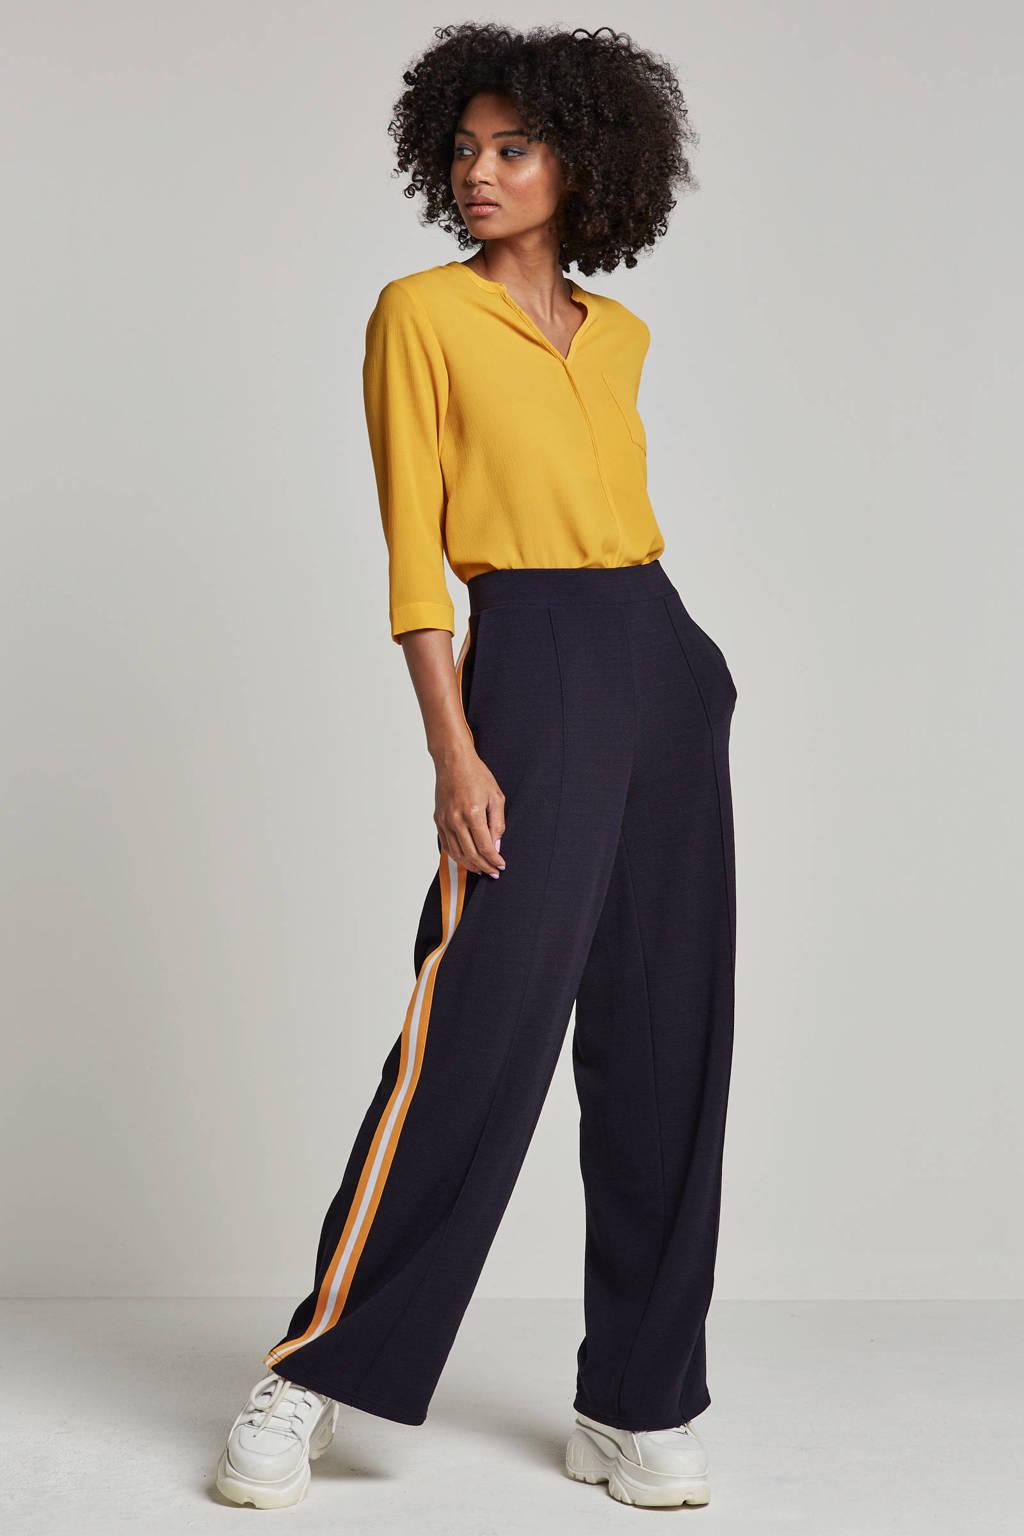 VERO MODA broek met gekleurde zij strepen, Donkerblauw/wit/geel